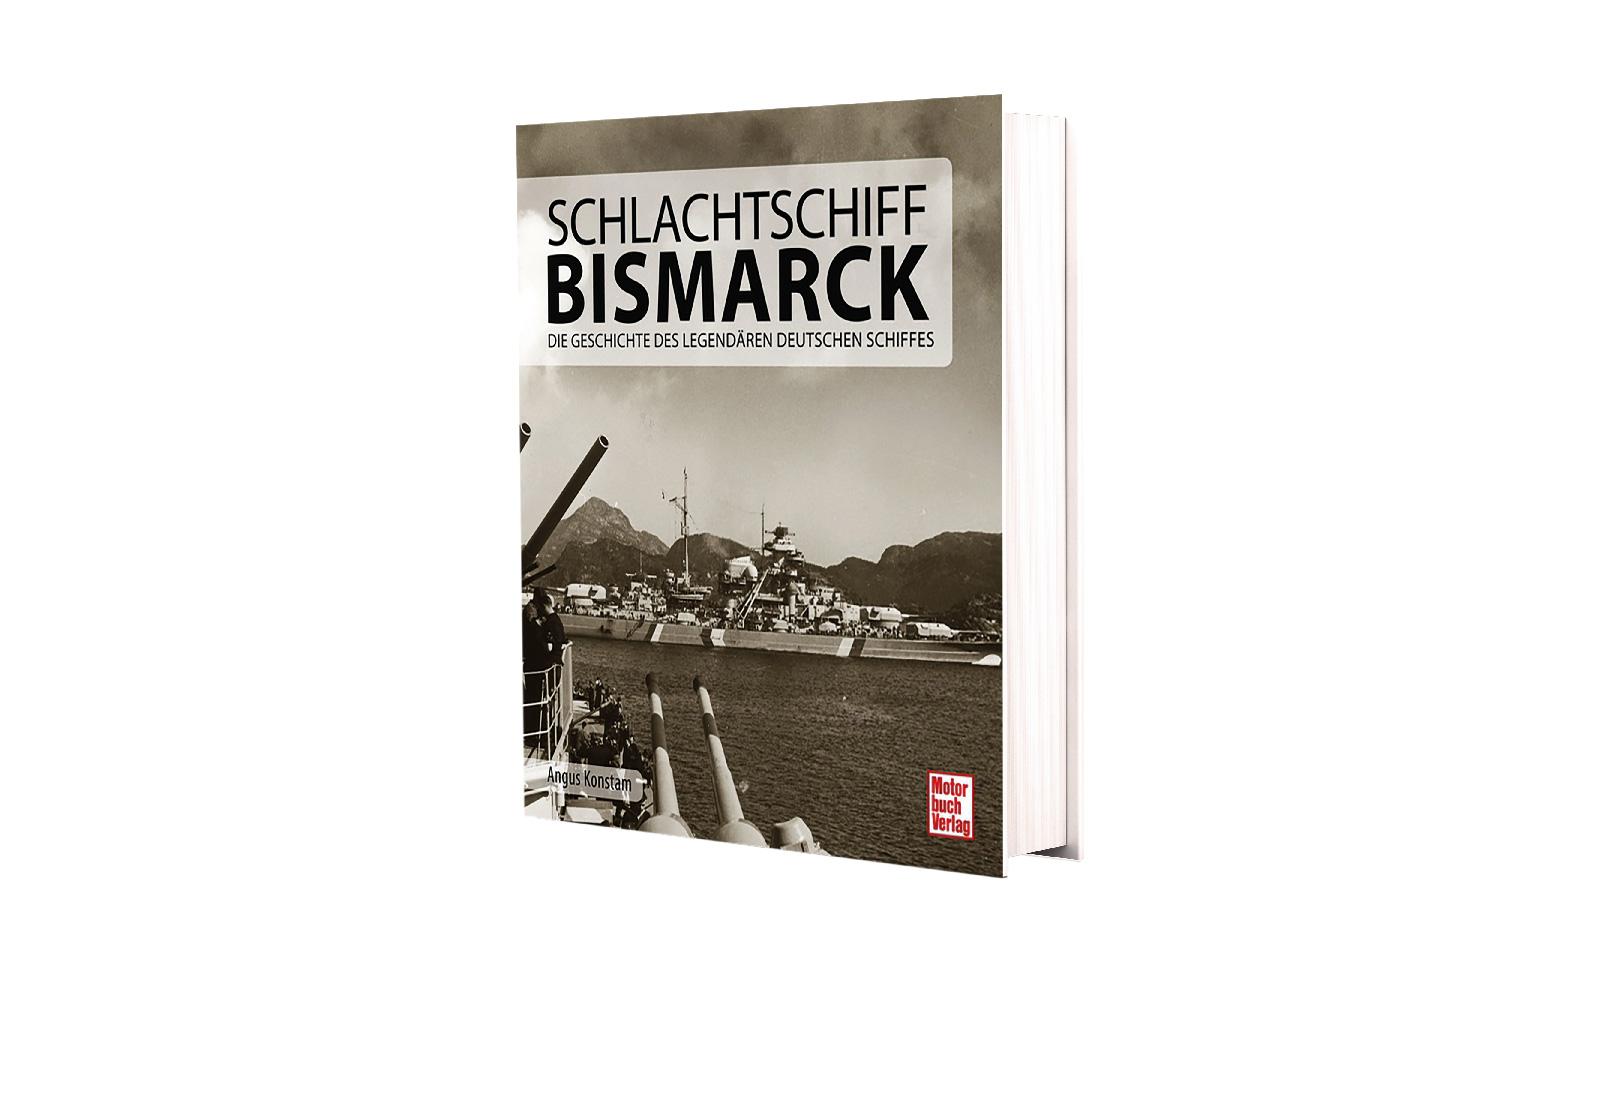 Schlachtschiff Bismarck Legendäres Deutsches Schiff Literatur